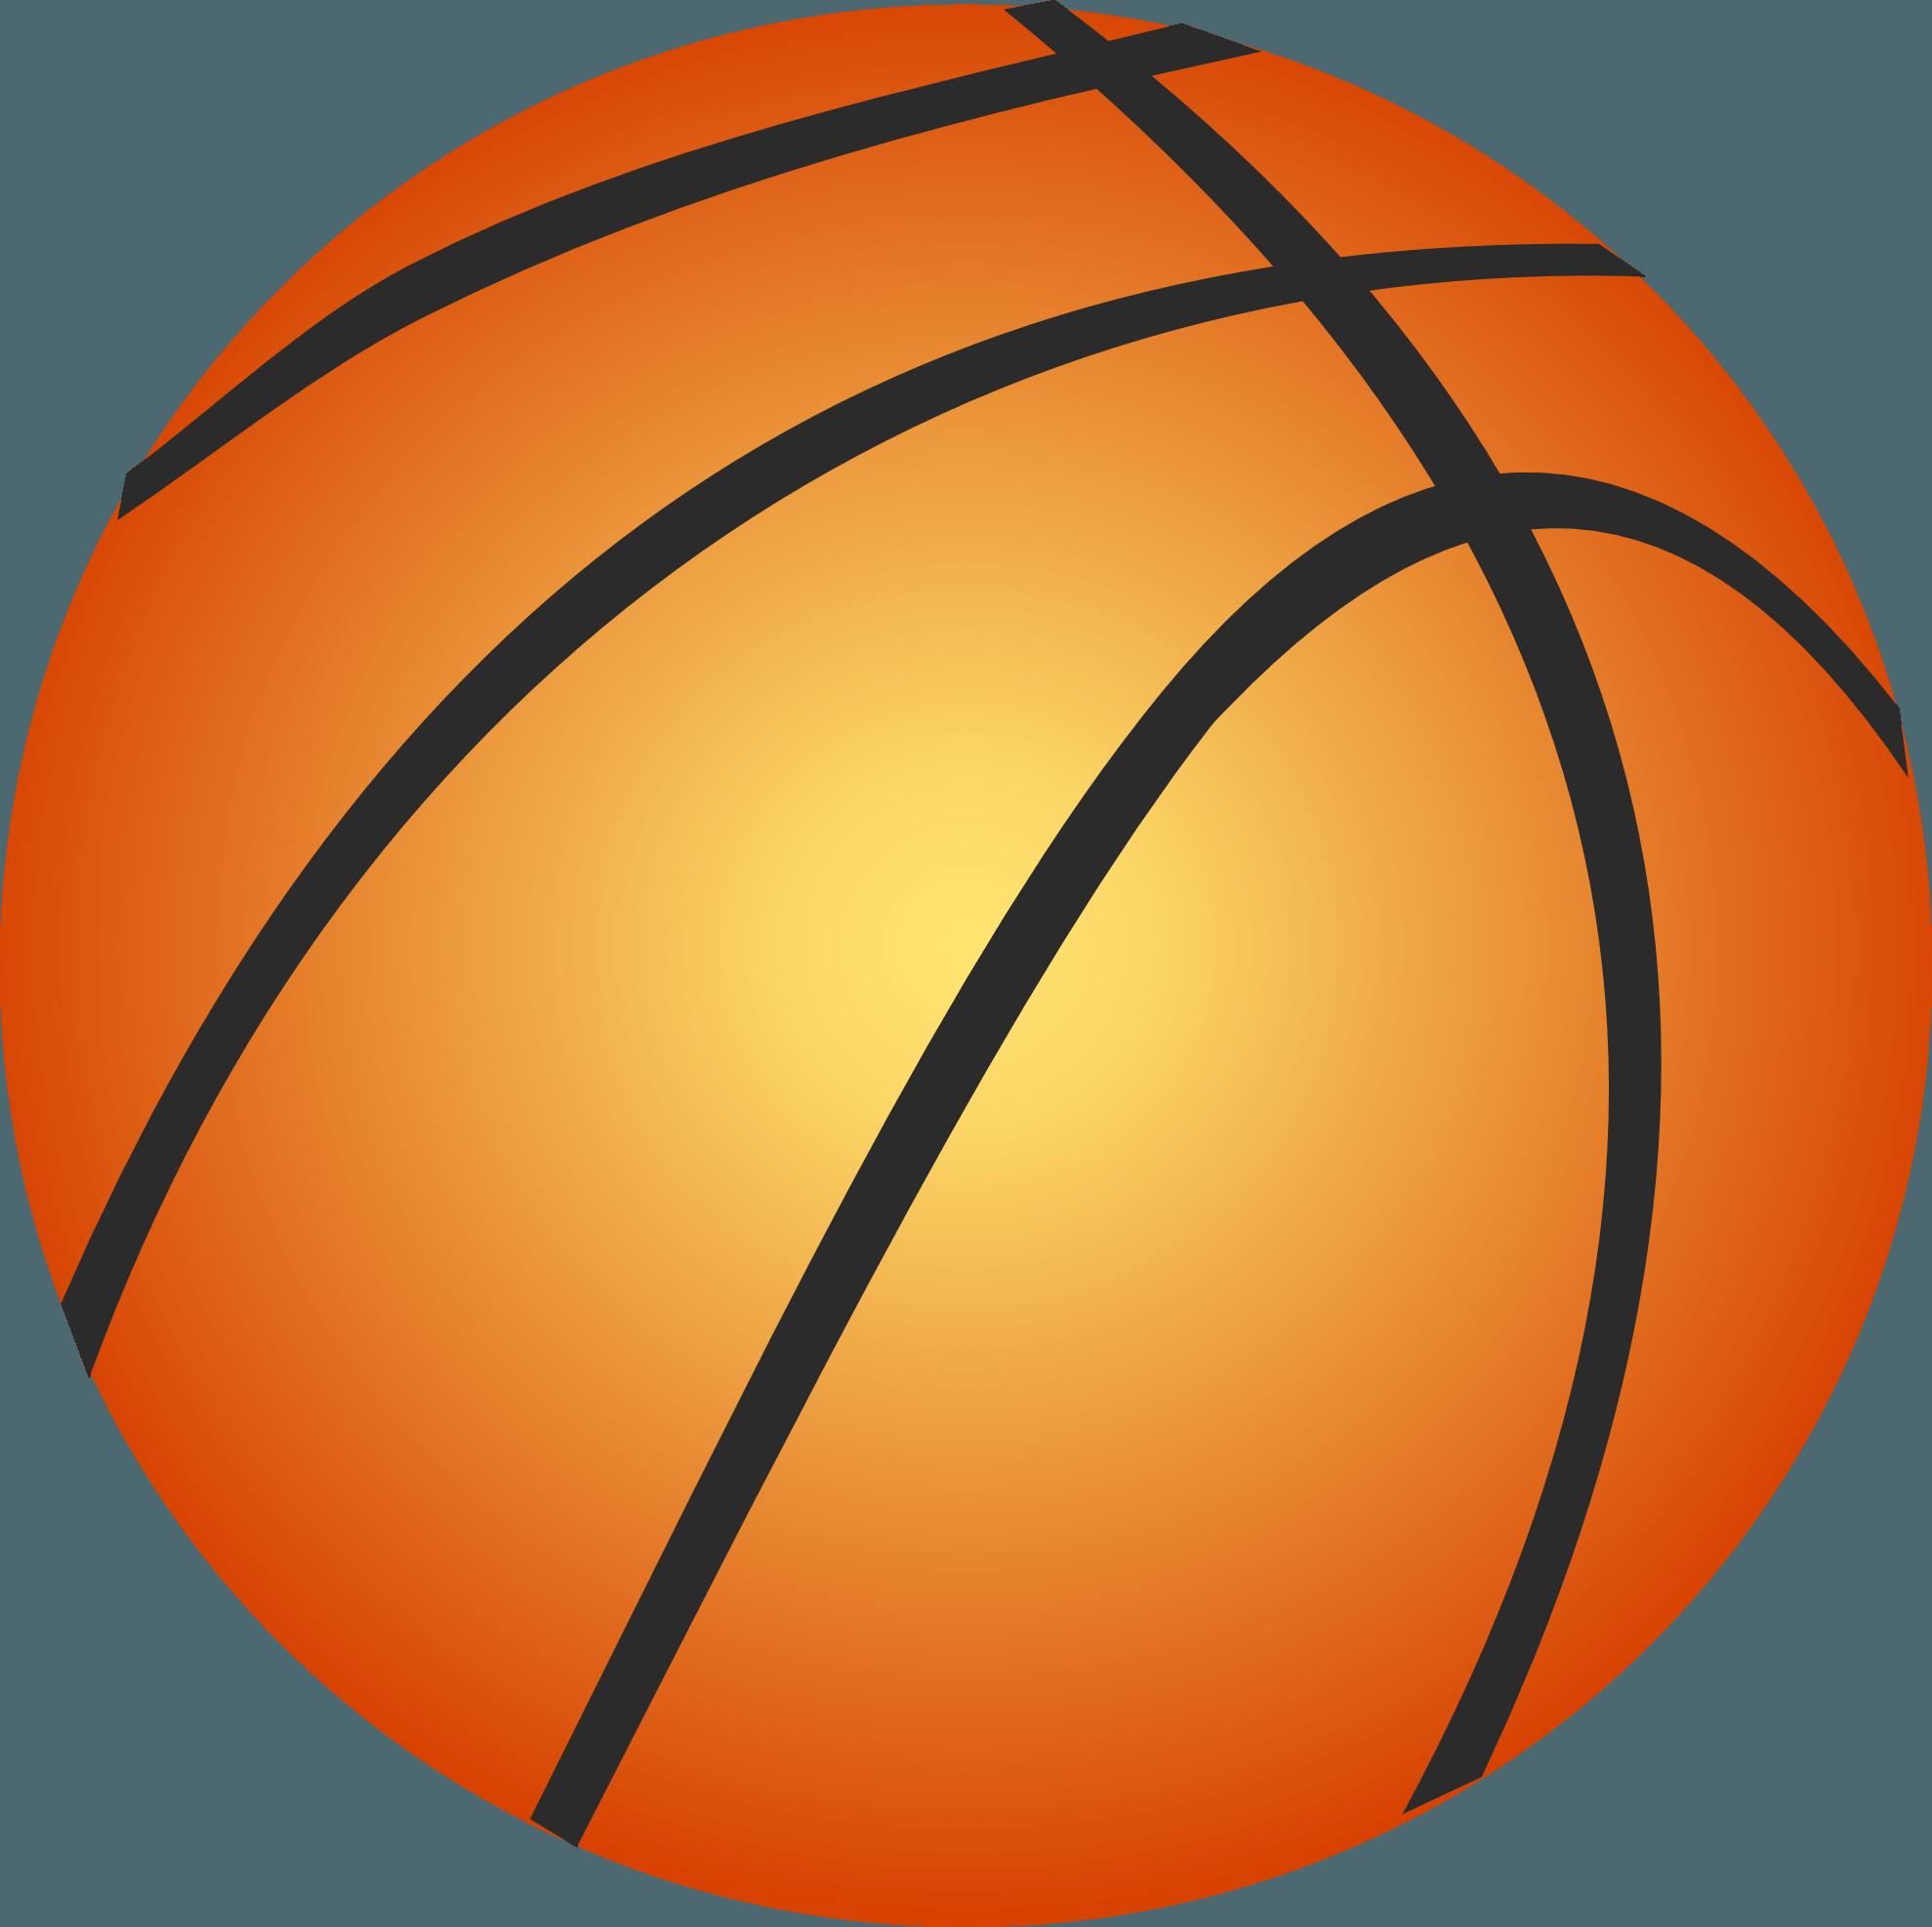 Basketball tear clipart jpg stock England Clipart basketball - Free Clipart on Dumielauxepices.net jpg stock